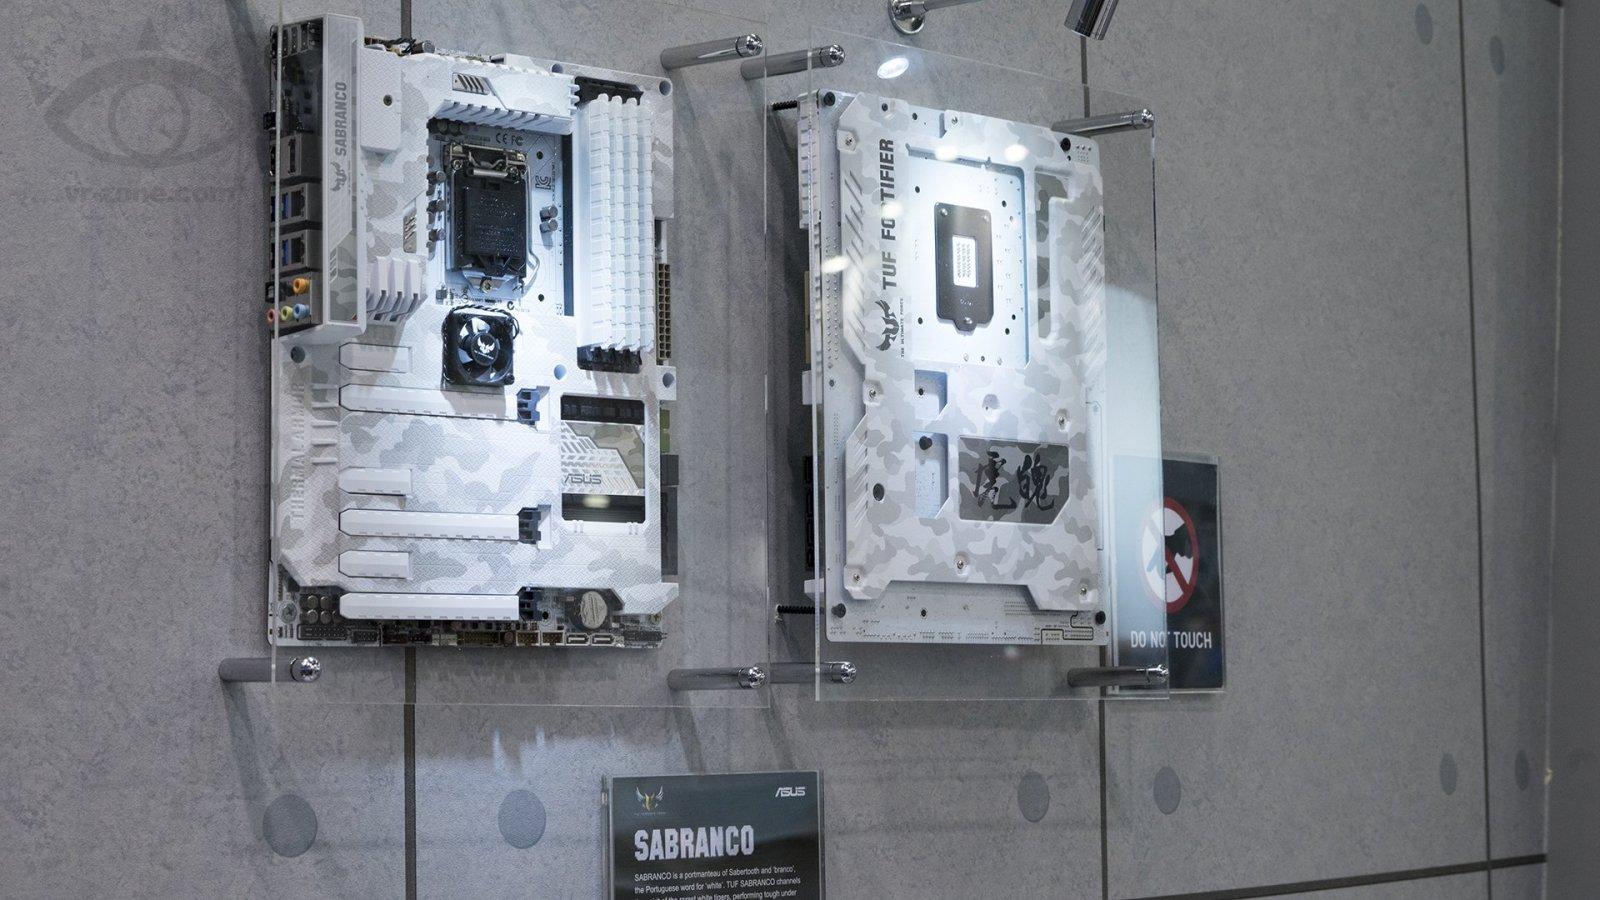 ASUS-Z97-TUF-Sabranco-Motherboard-_1.jpg